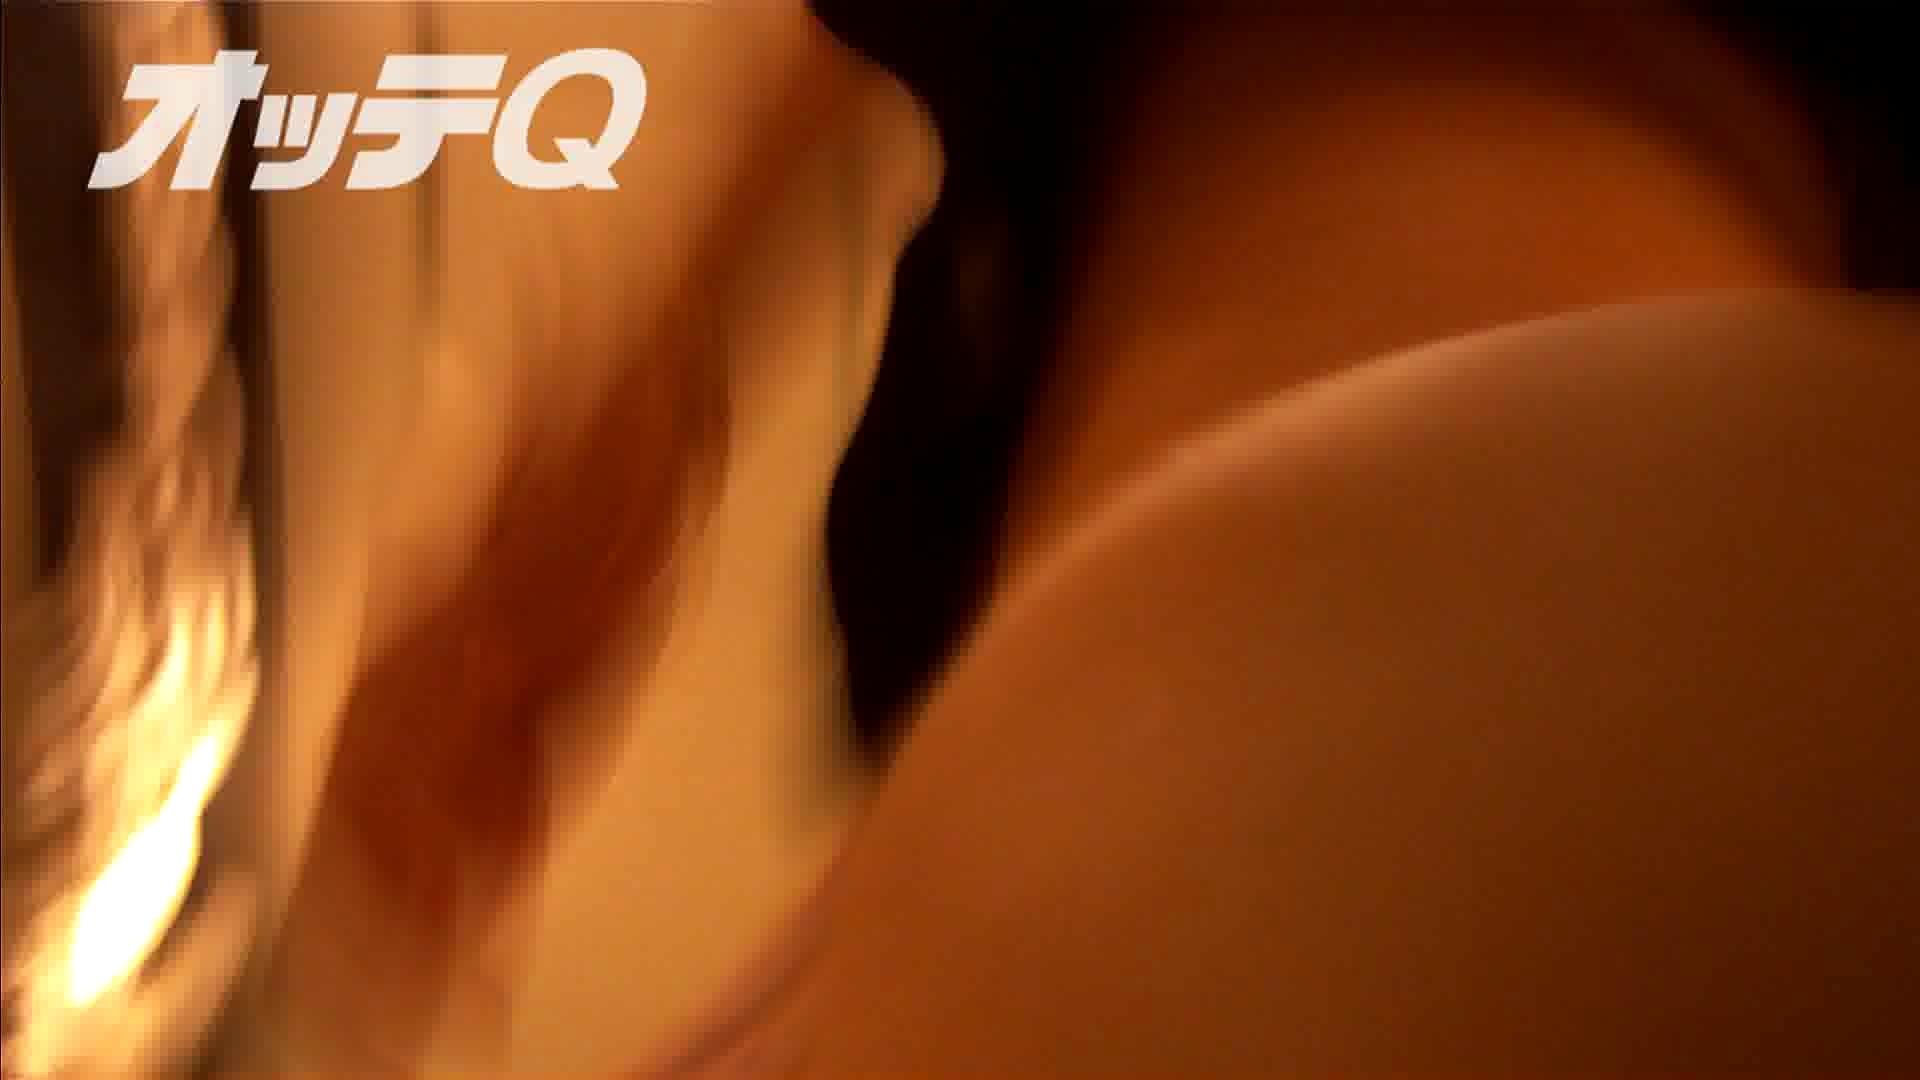 ハイビジョンパンチラ オッテQさんの追跡パンチラデパート編VOL.04 パンツ | ギャル・コレクション  42連発 39